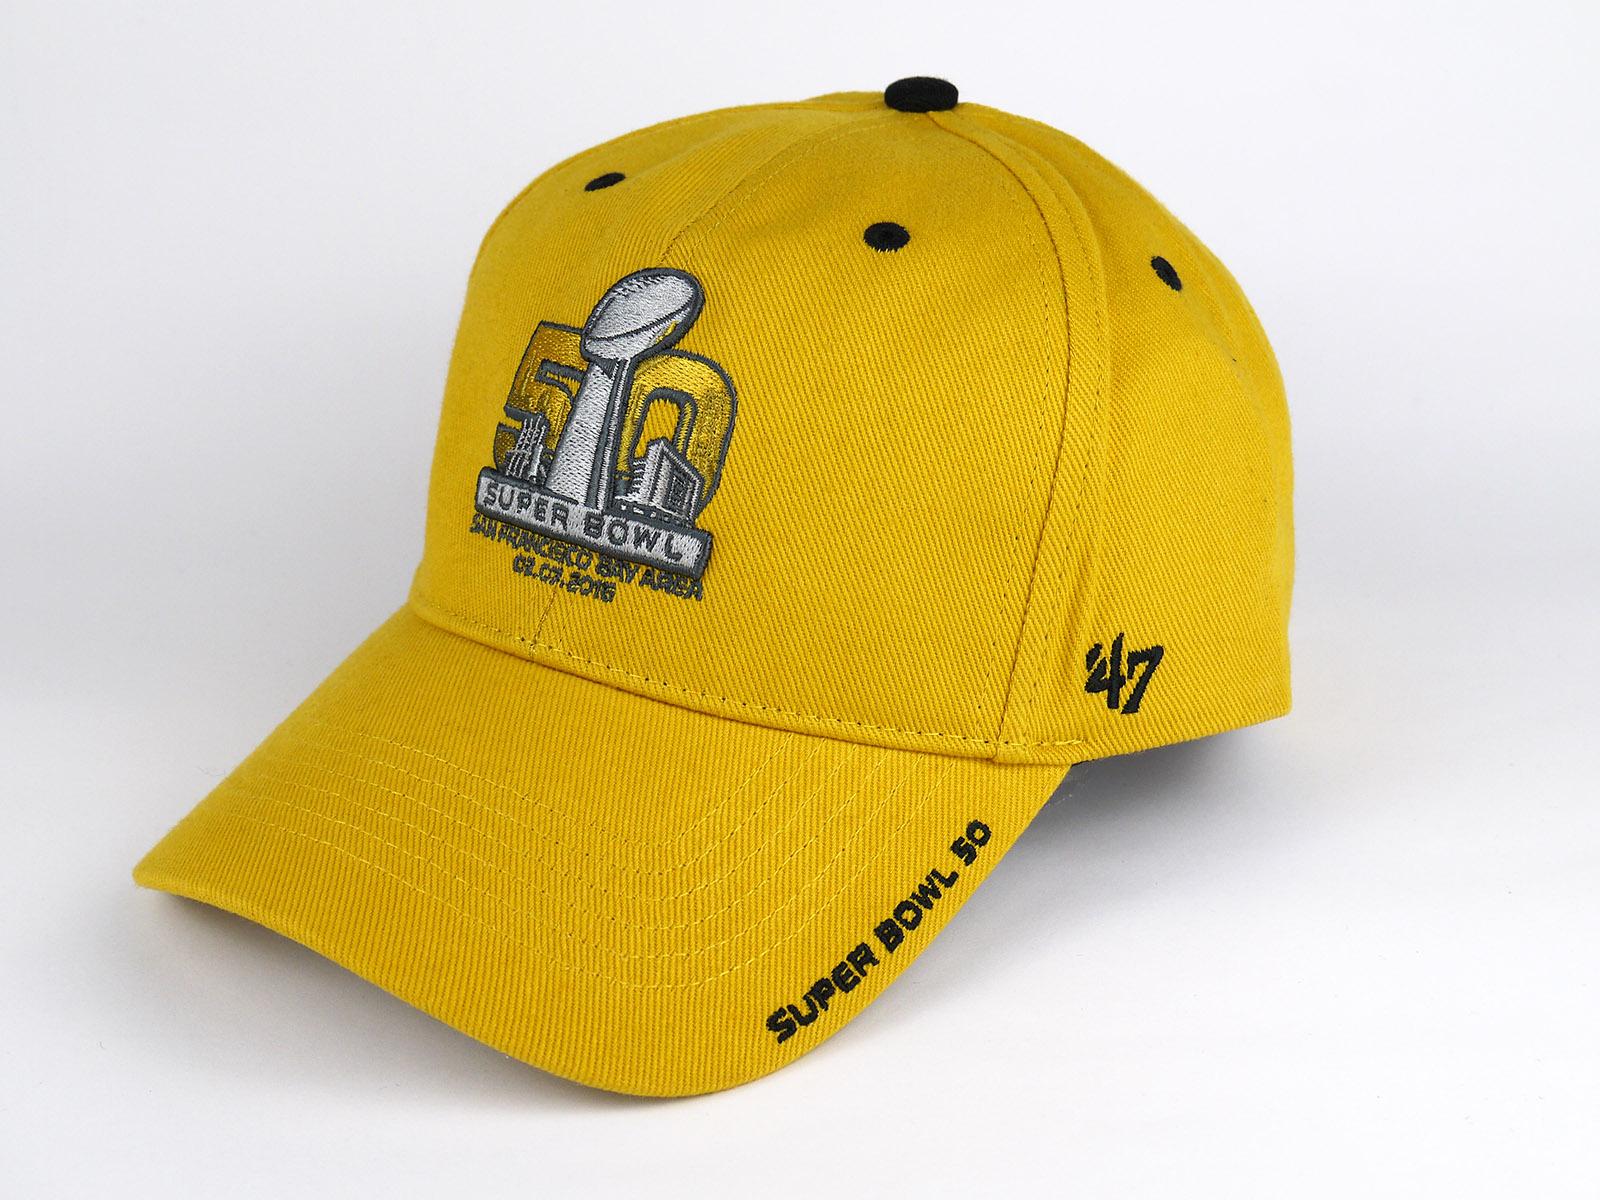 fe839a095d556 Cap 47 Brand NFL Super Bowl 50 Gold 01